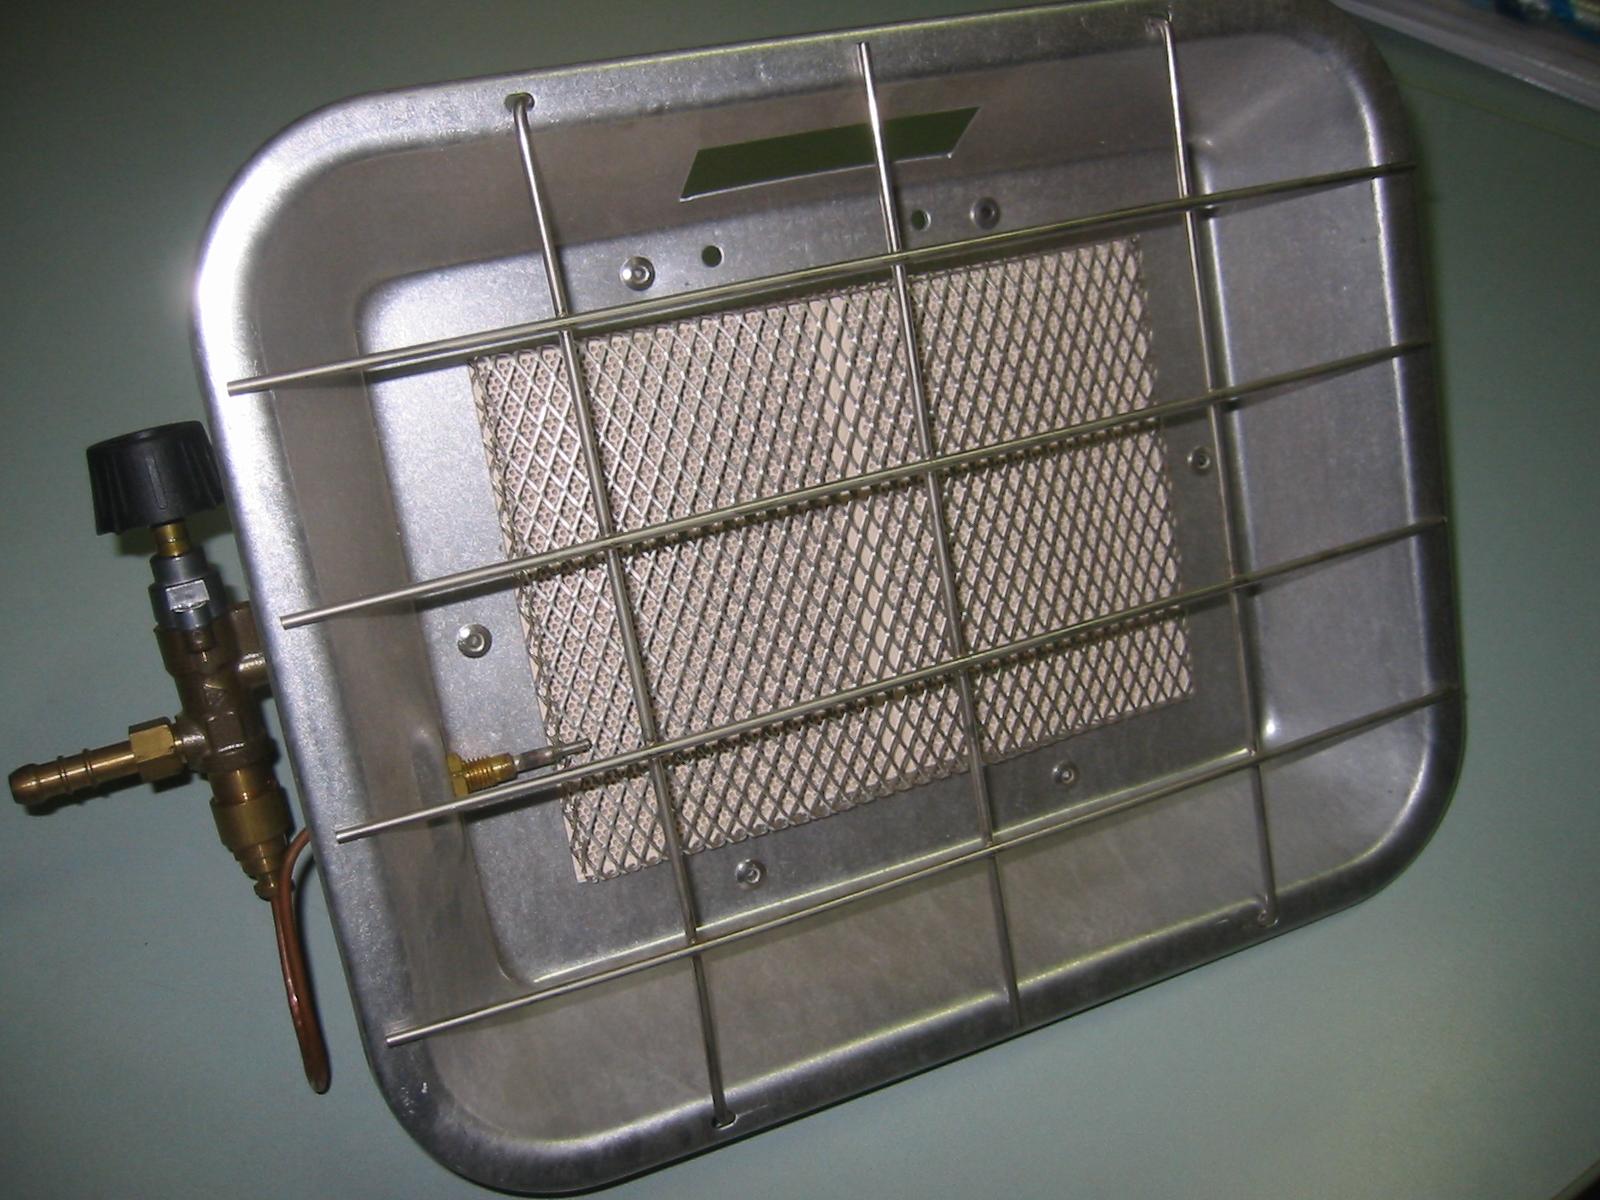 lampada a gas GPL con valvola di sicurezza – Codice 160 V